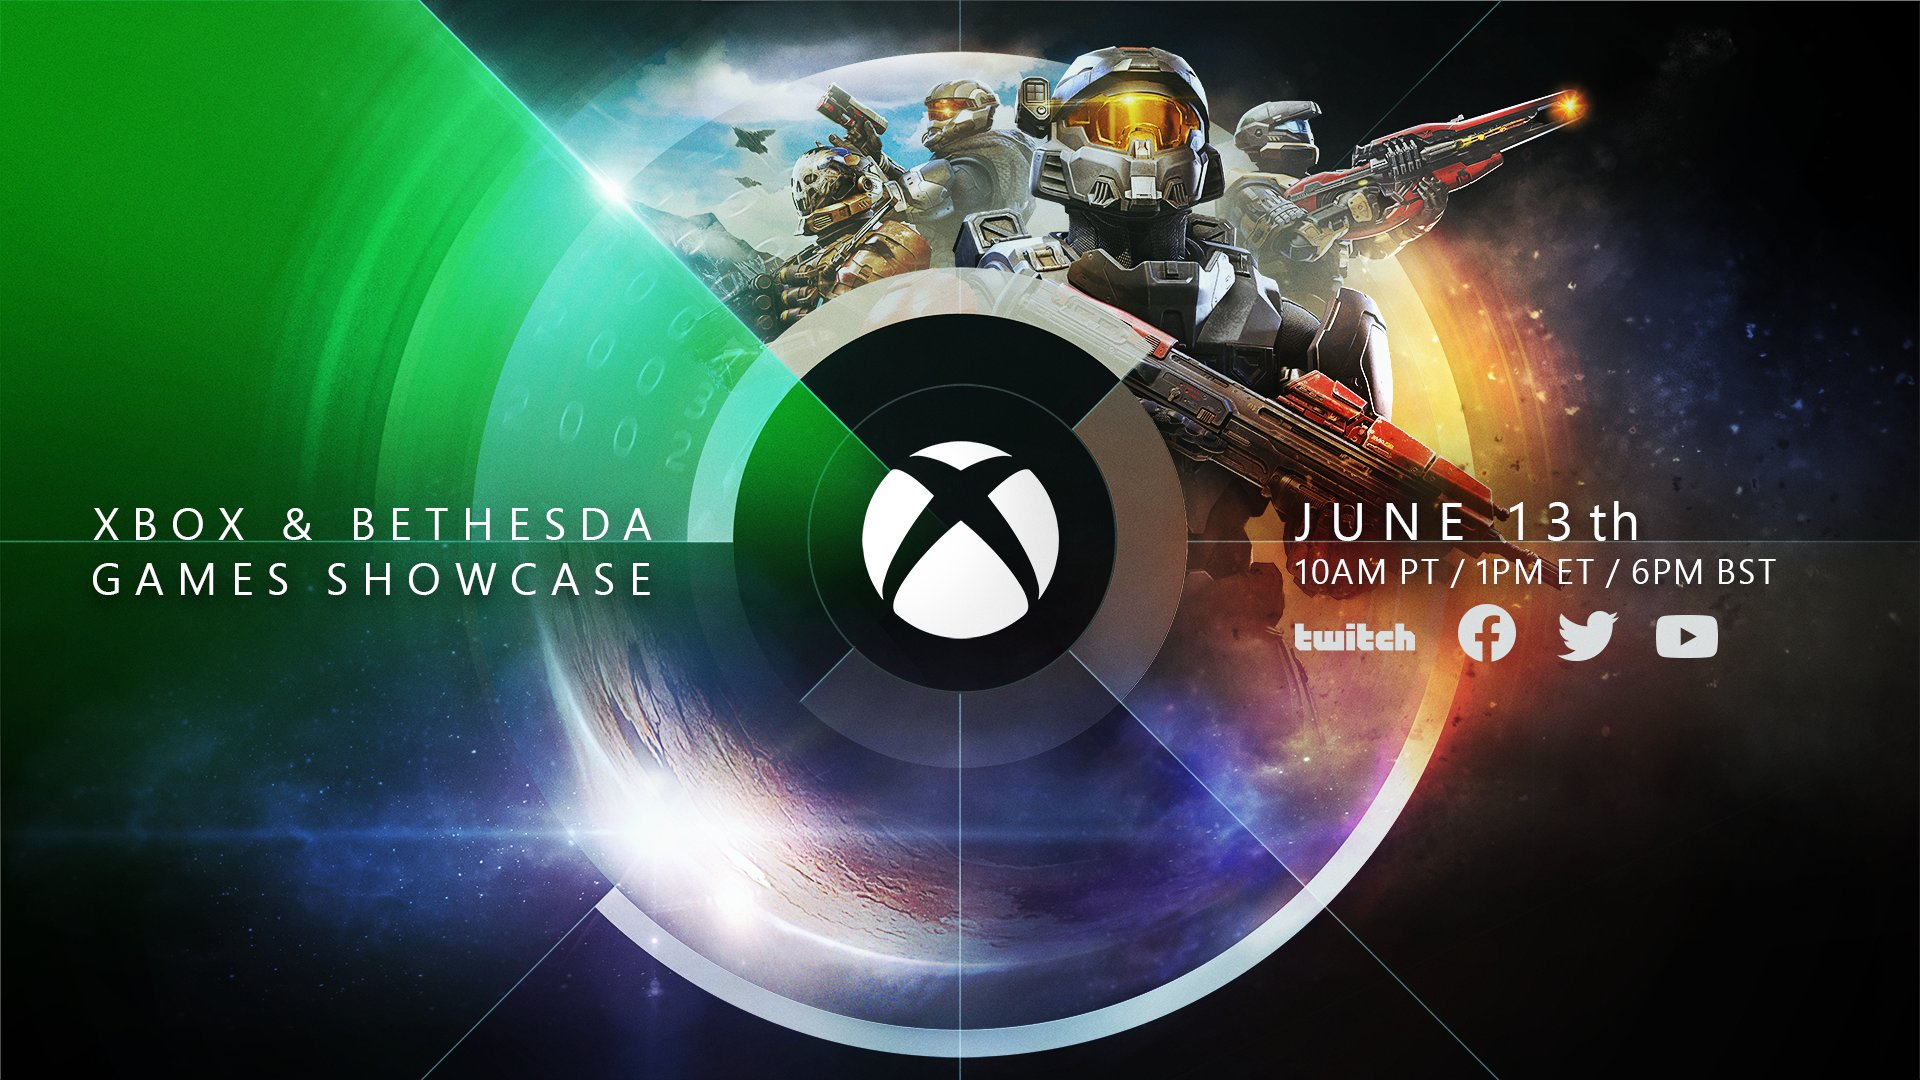 E3 2021 Hype Train: Relive the Xbox E3 Press Conferences of the Past!